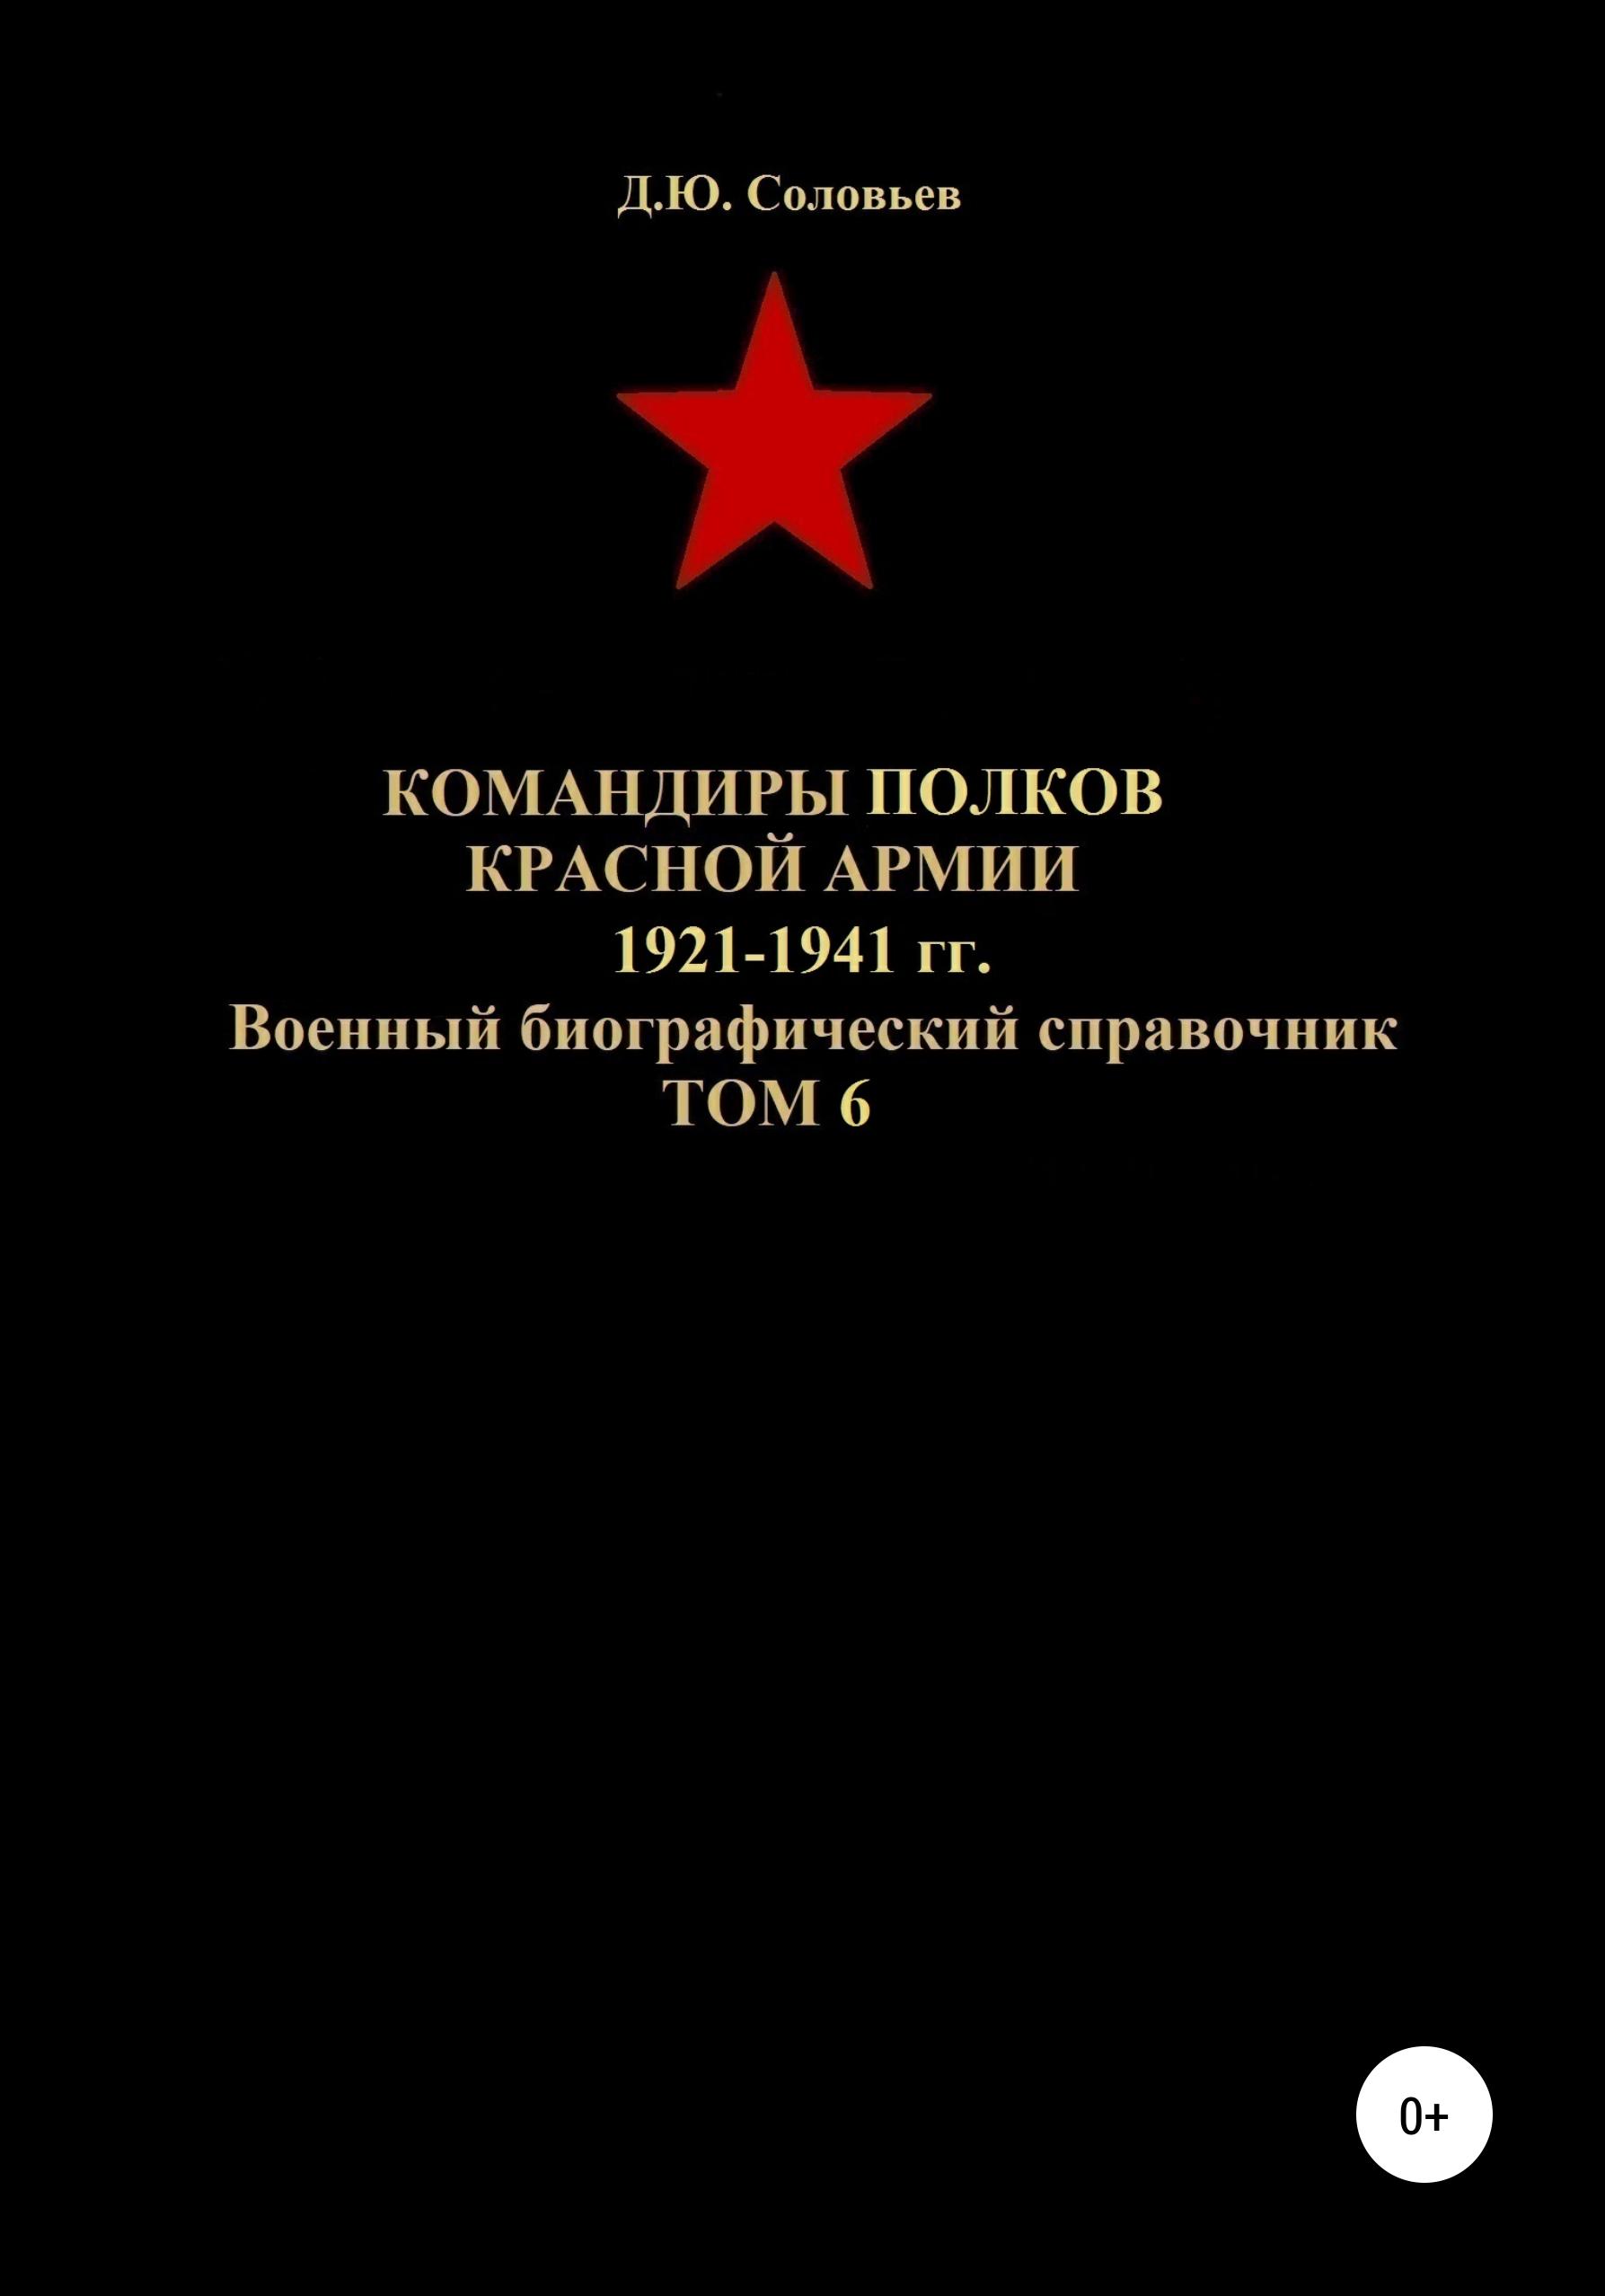 Командиры полков Красной Армии 1921-1941 гг. Том 6